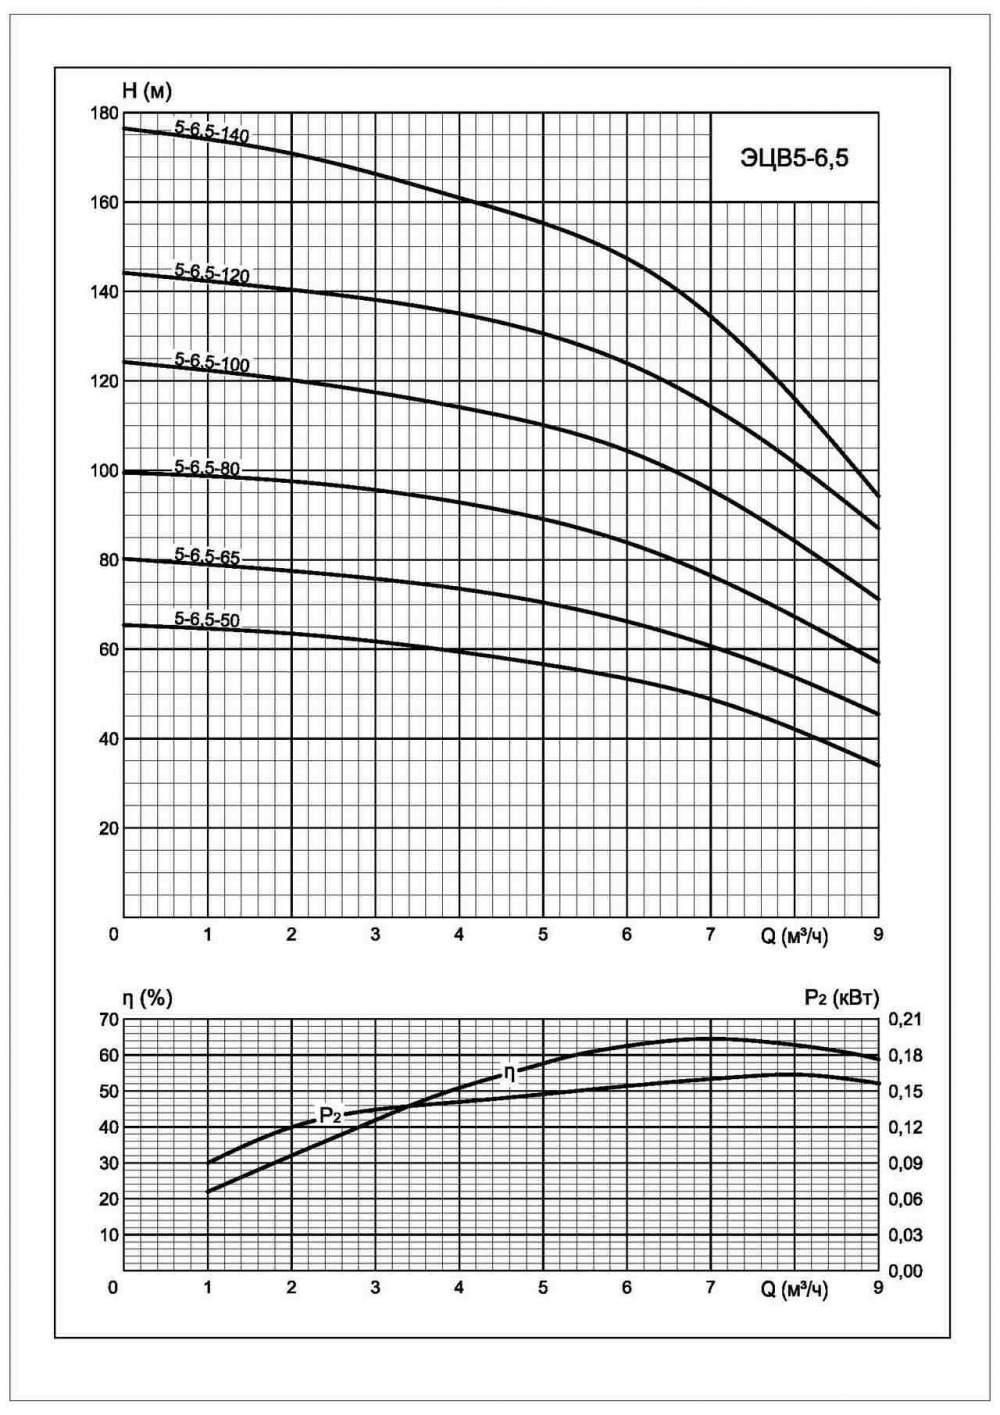 Характеристики ЭЦВ 5-6,5-50